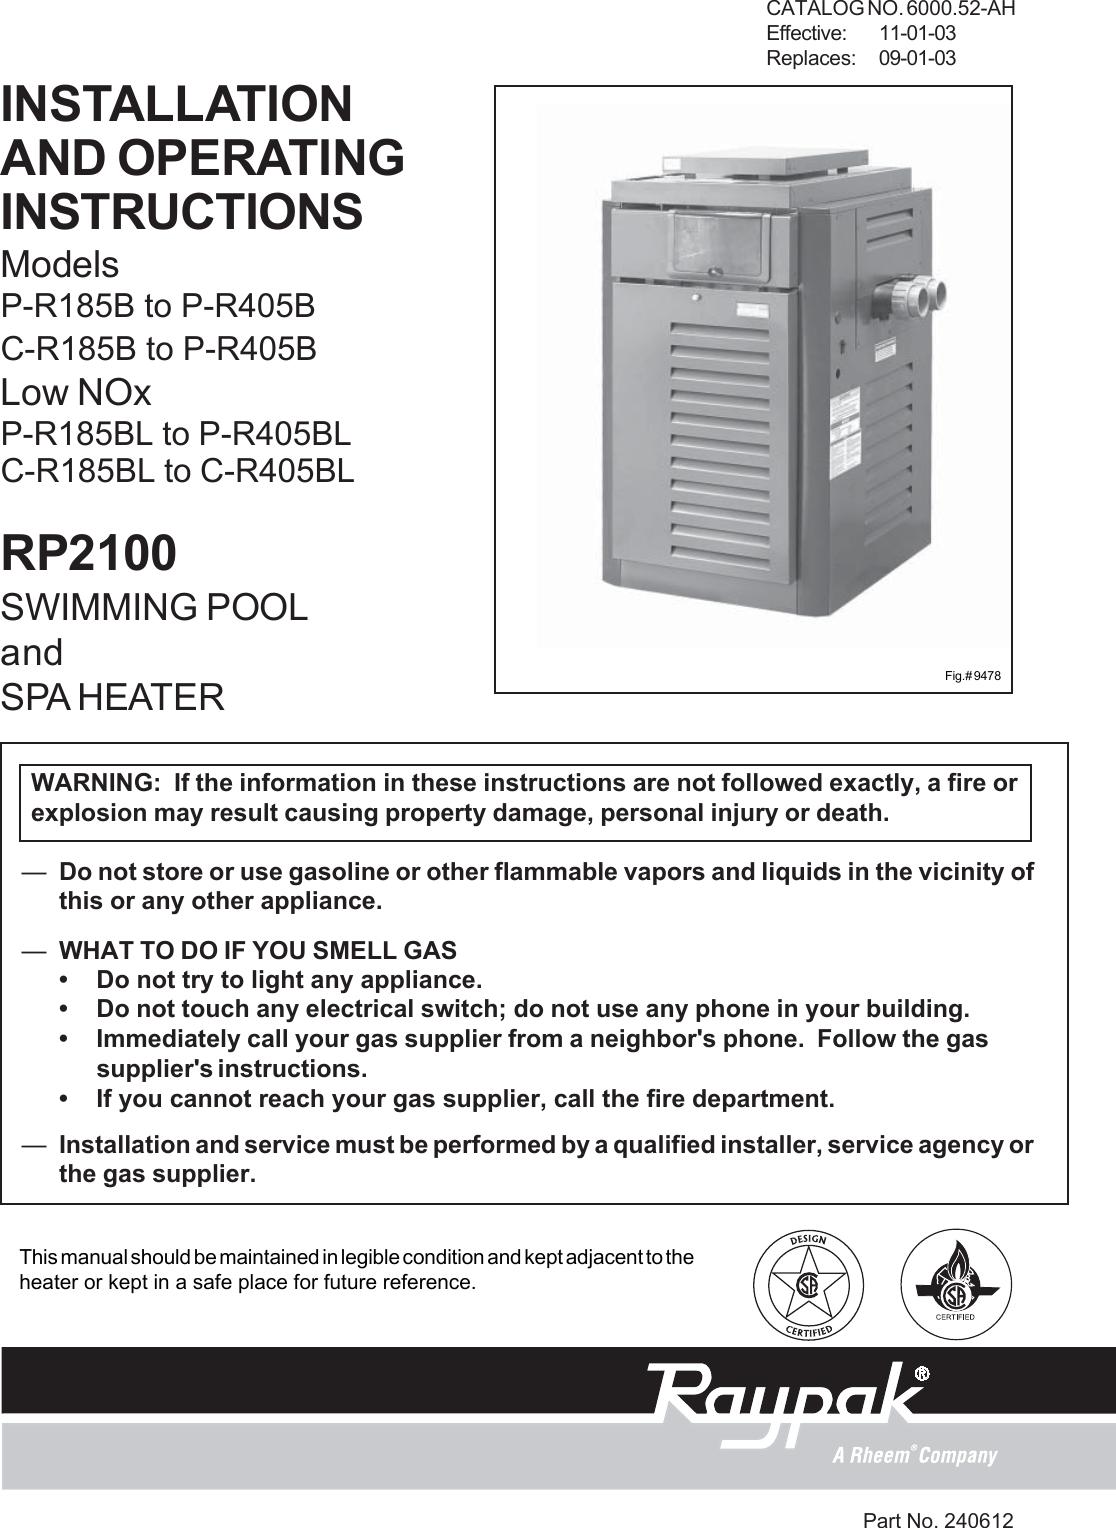 Raypak P R185B To R405B C R185Bl R405Bl Rp2100 Users Manual 6000.52 New  185B 405B.pmd